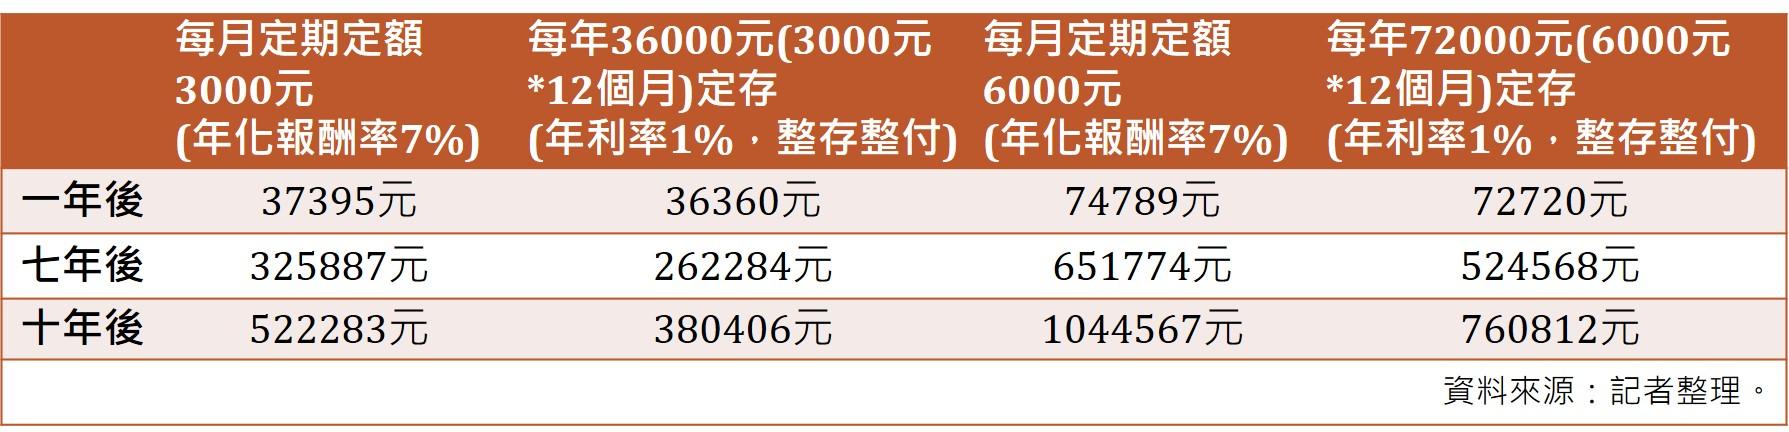 定存和定期定額投資比較表。